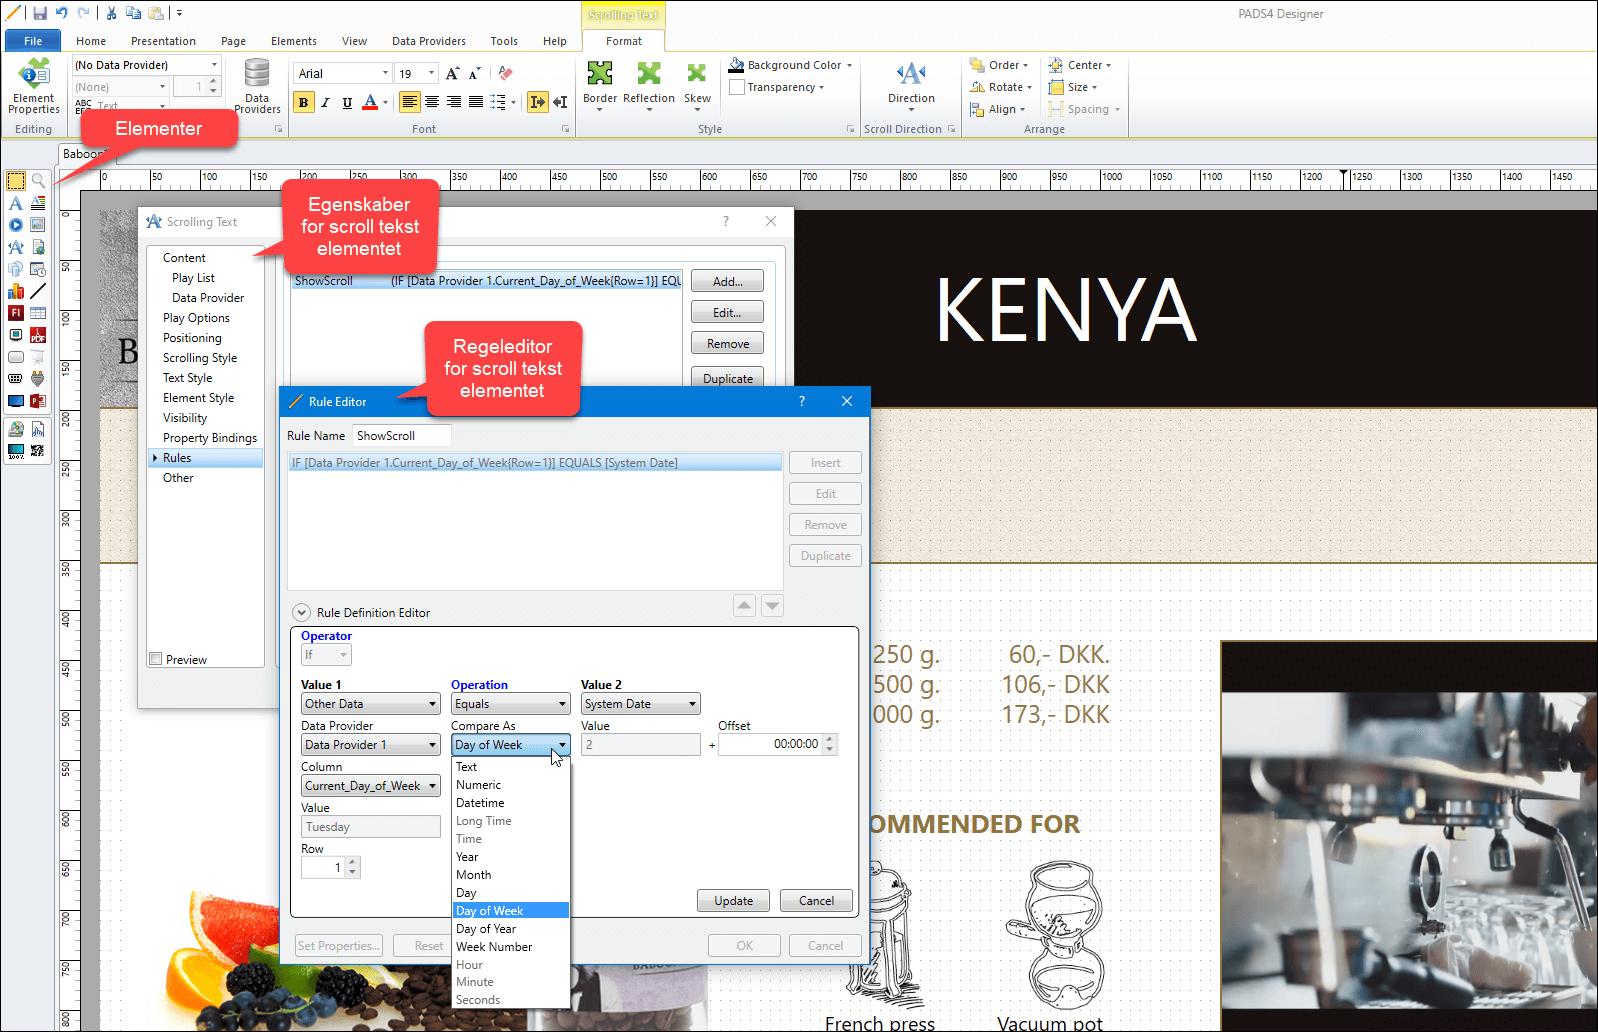 Skærm-dump af PADS4 design elementer og regler